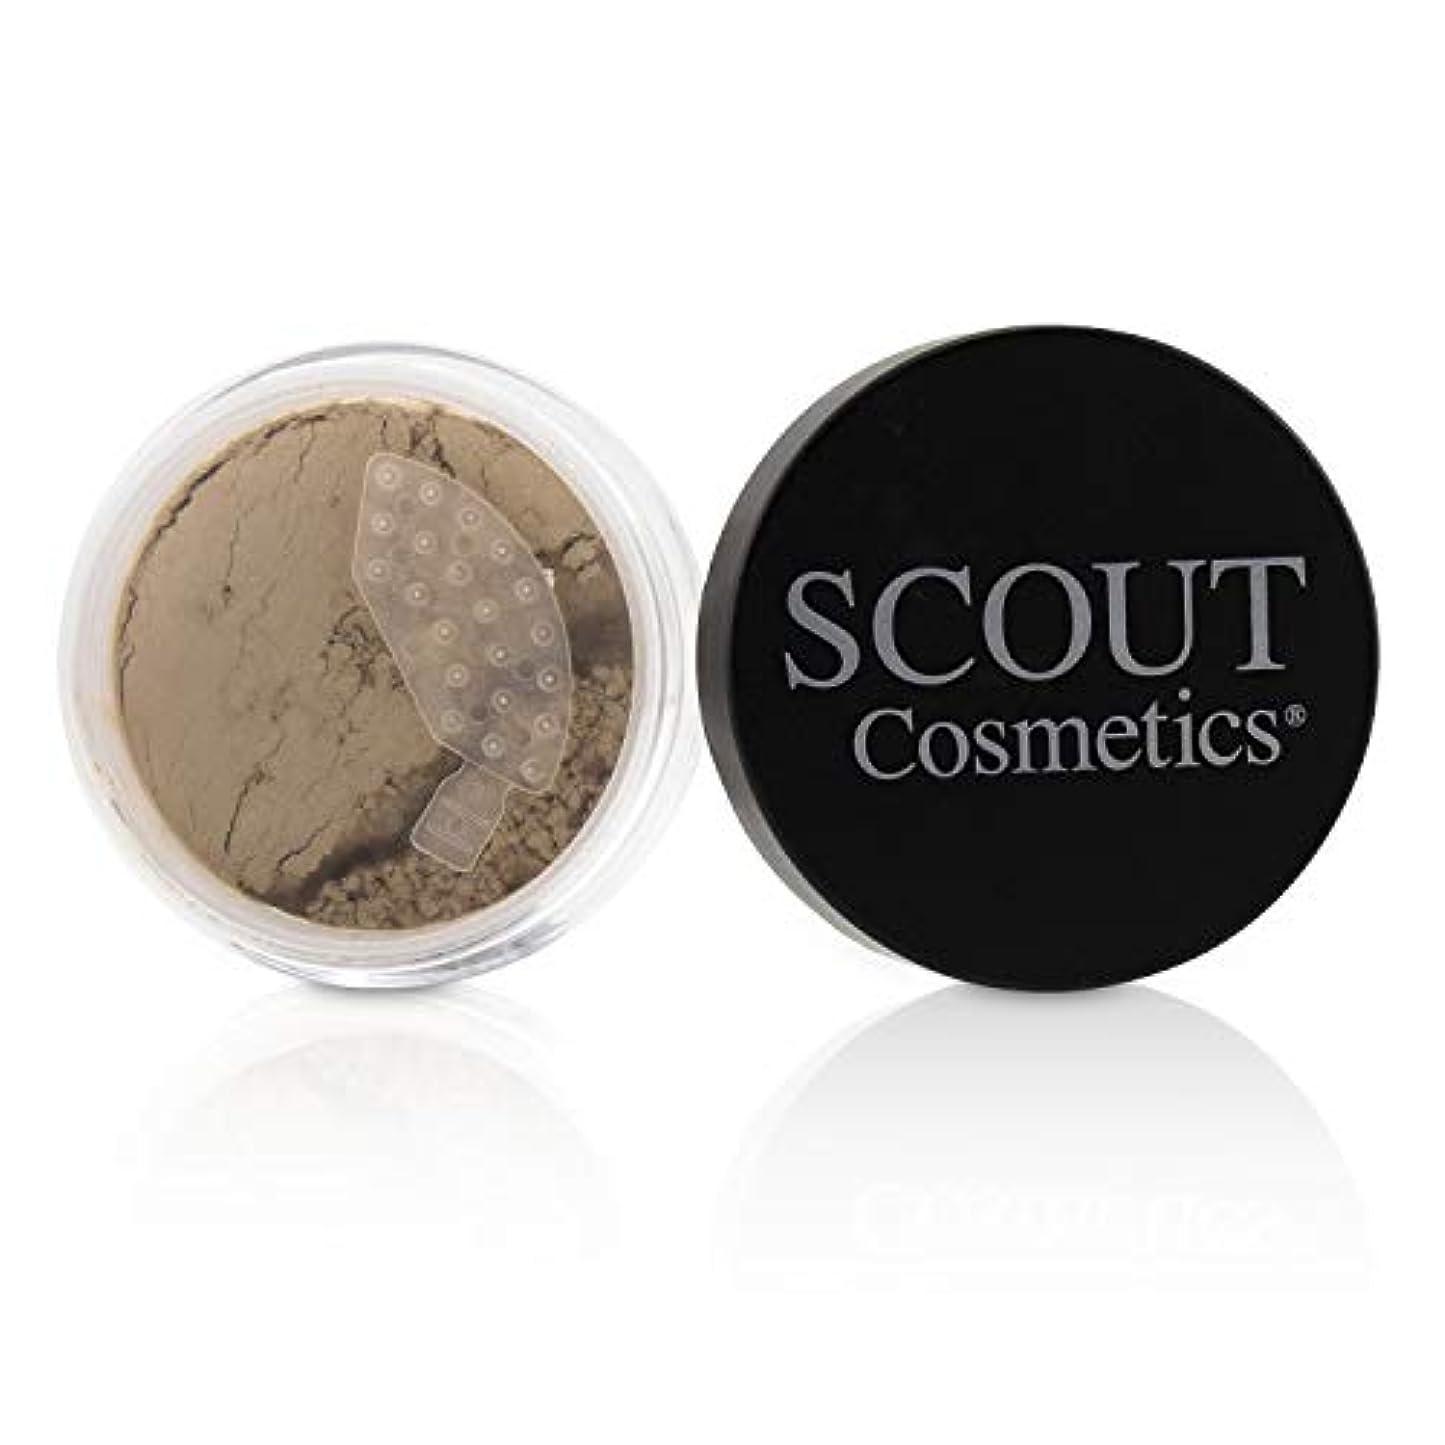 初期賞賛するプロフェッショナルSCOUT Cosmetics Mineral Powder Foundation SPF 20 - # Porcelain 8g/0.28oz並行輸入品